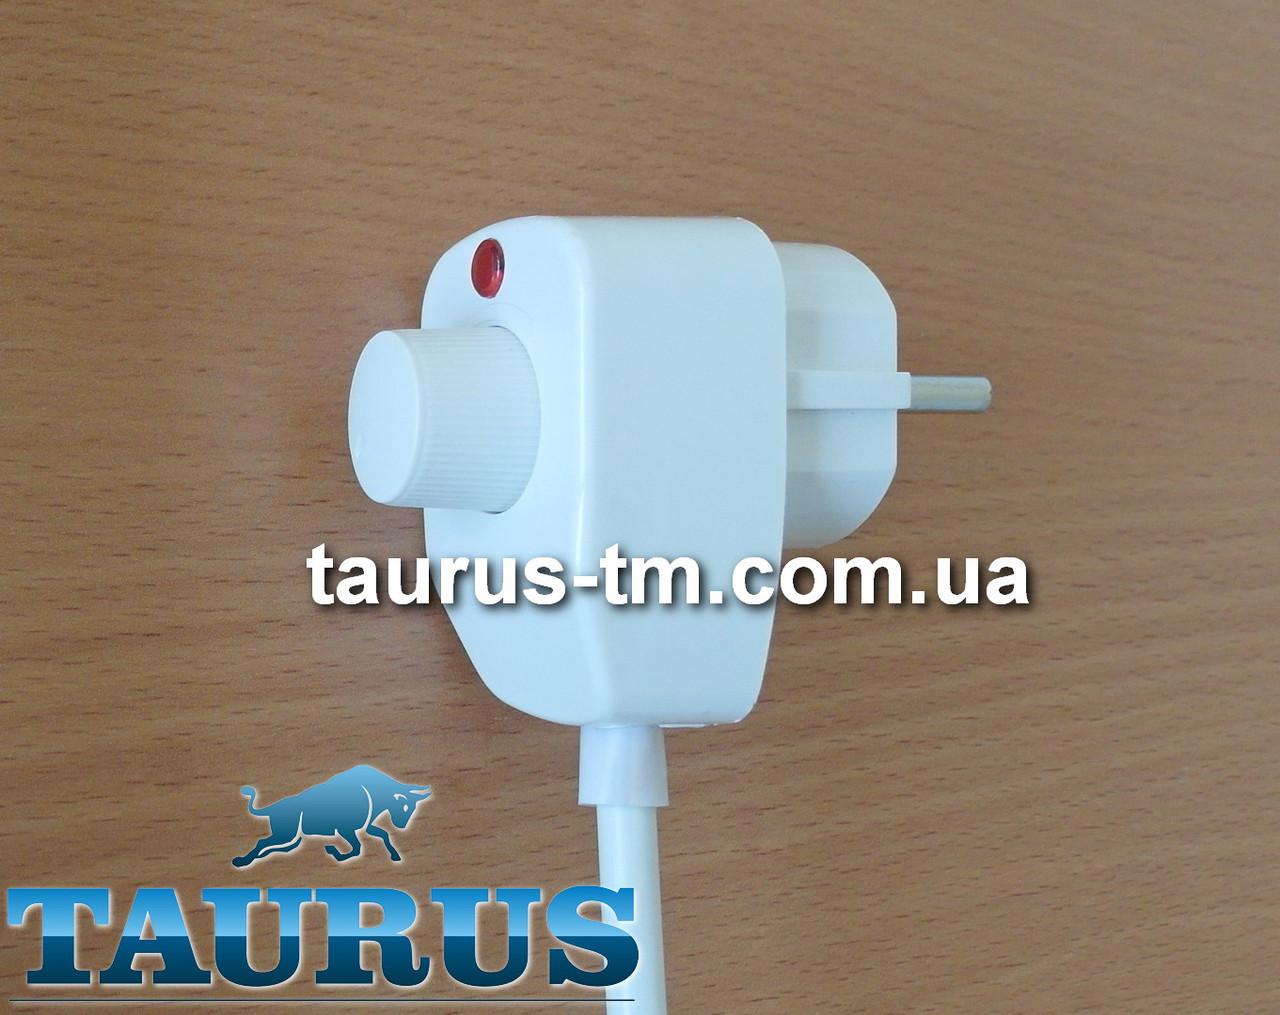 Белый регулятор на вилке + провод белый спиральный. Мощность до 500Вт. + индикатор. Диммер. ТАУРУС Украина